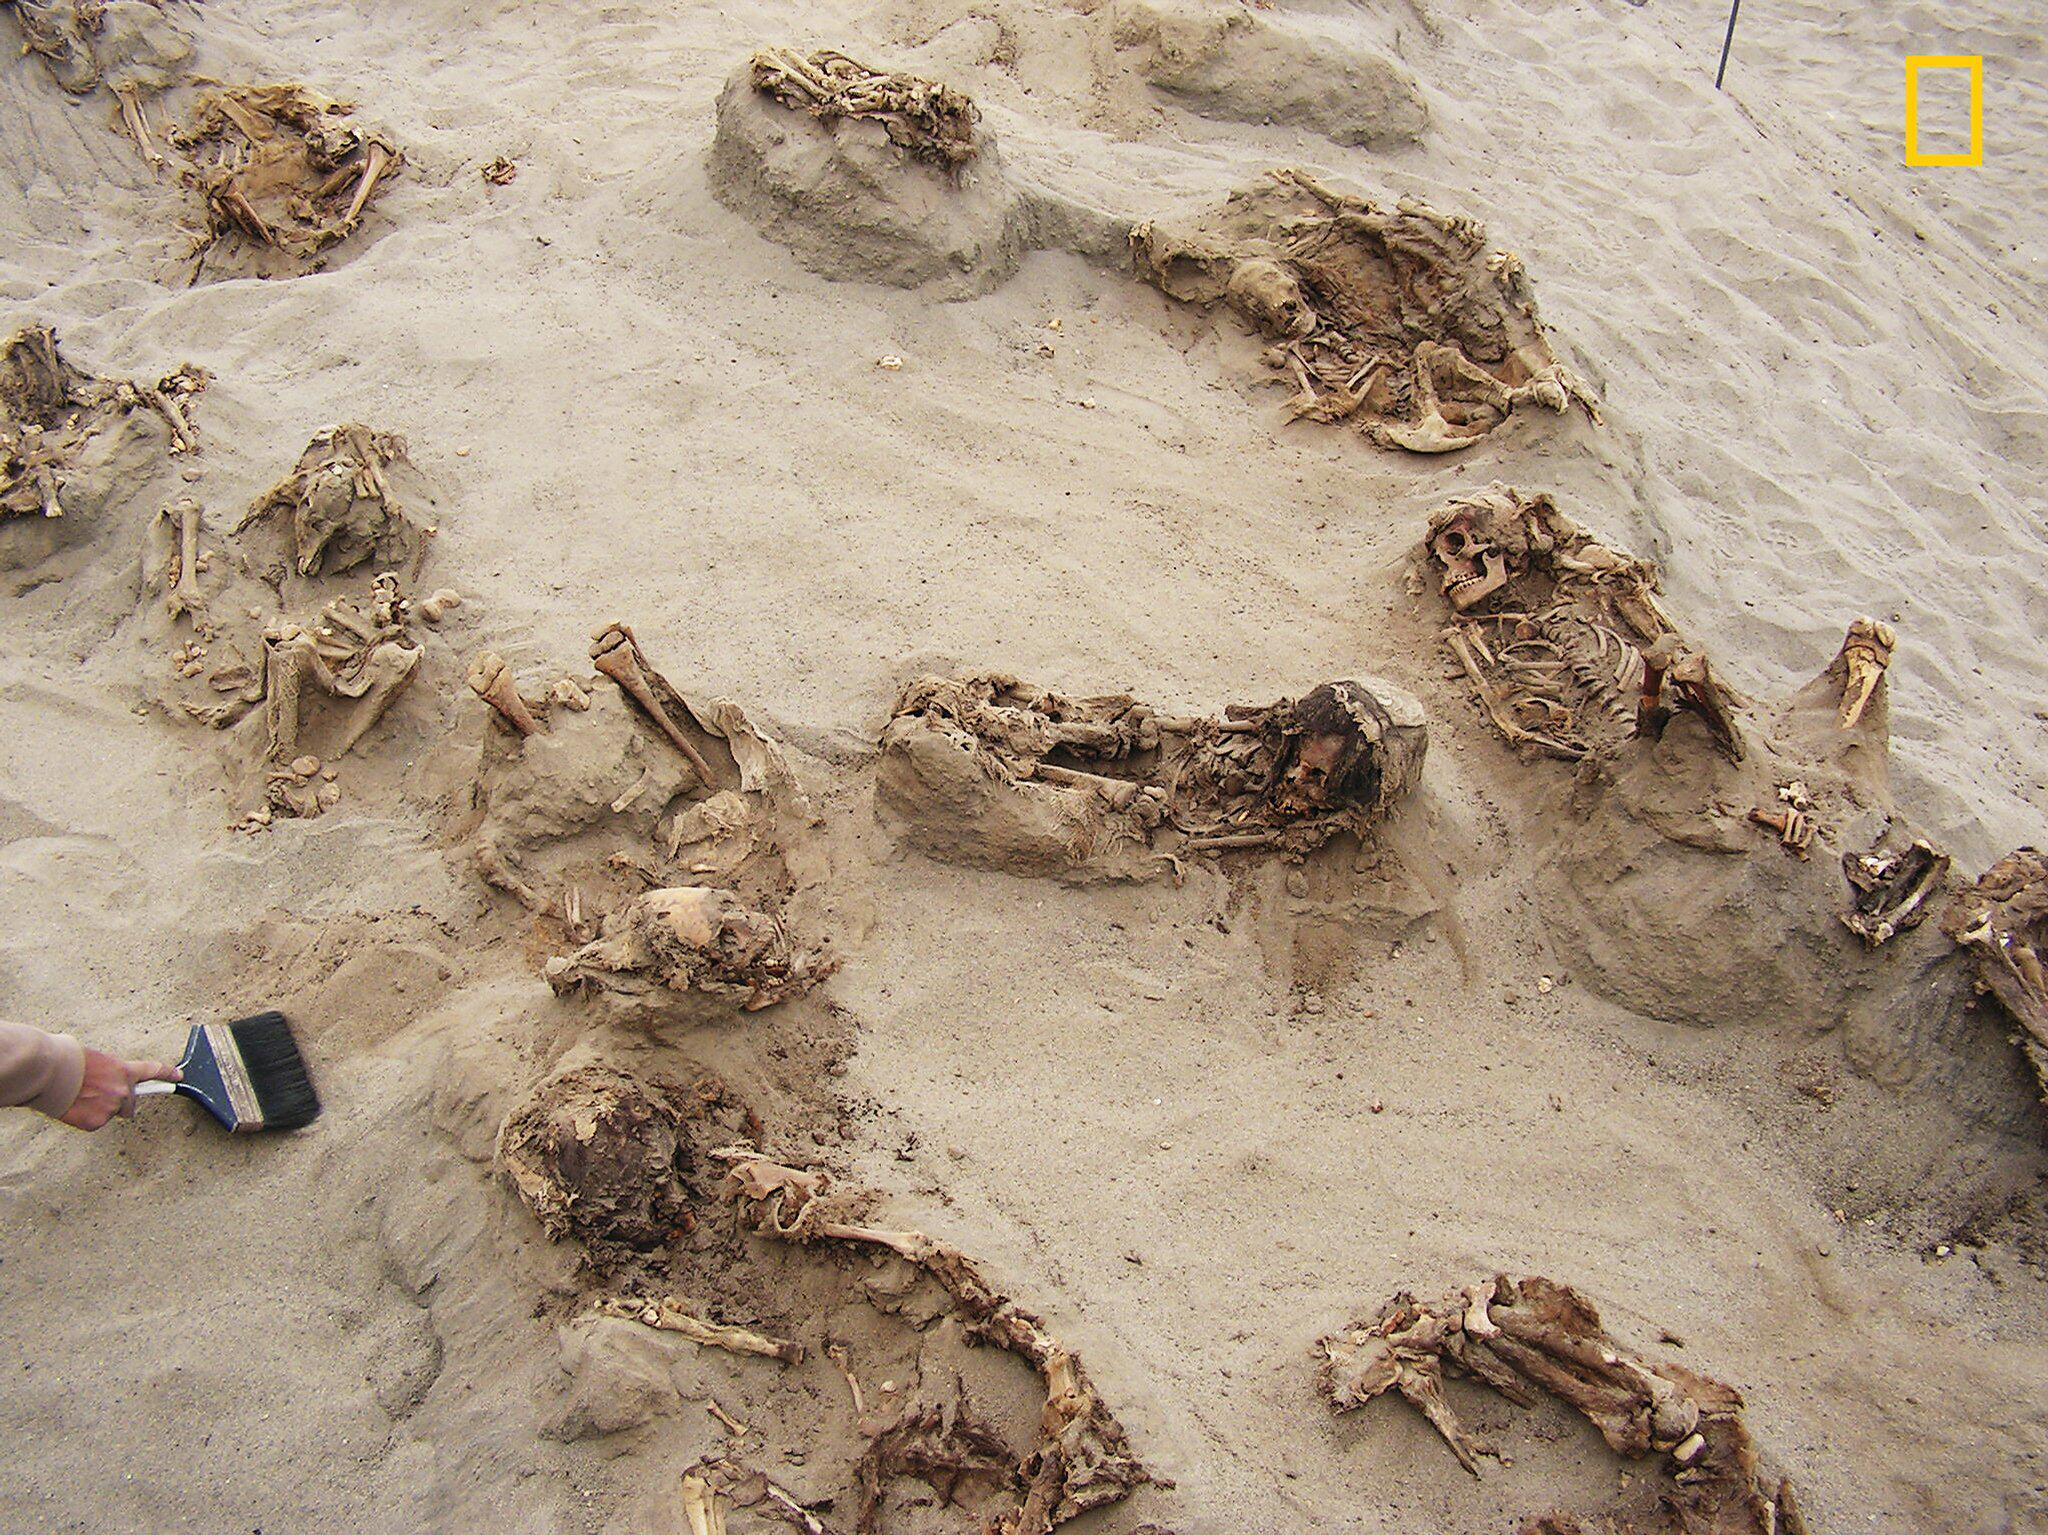 Bild zu Entdeckung eines alten Massengrabes in Peru